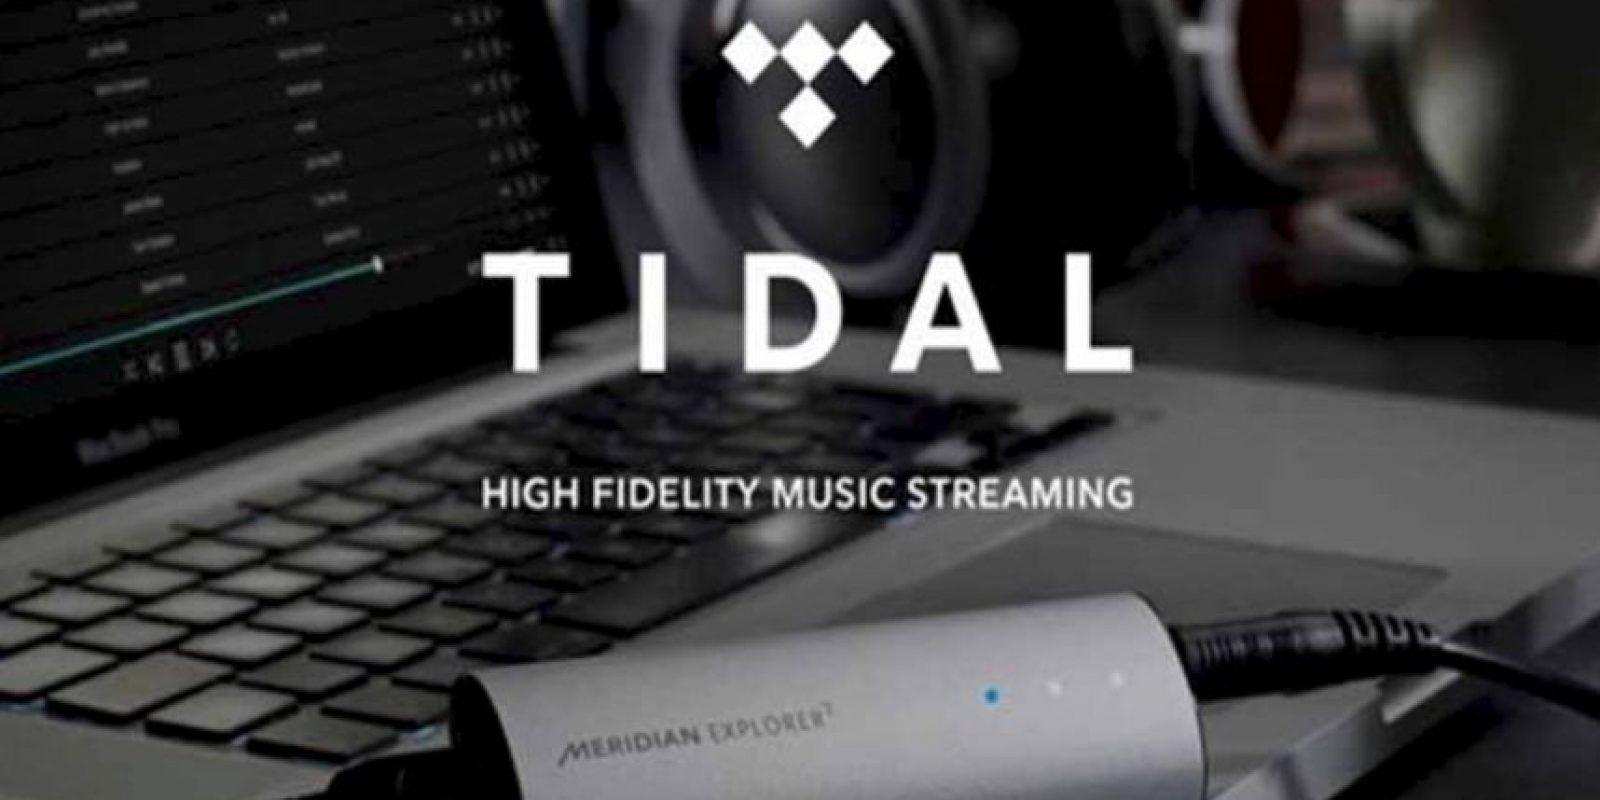 Tidal, según indican, ofrece la mayor calidad de audio y mejor remuneración a los artistas. Foto:Tidal